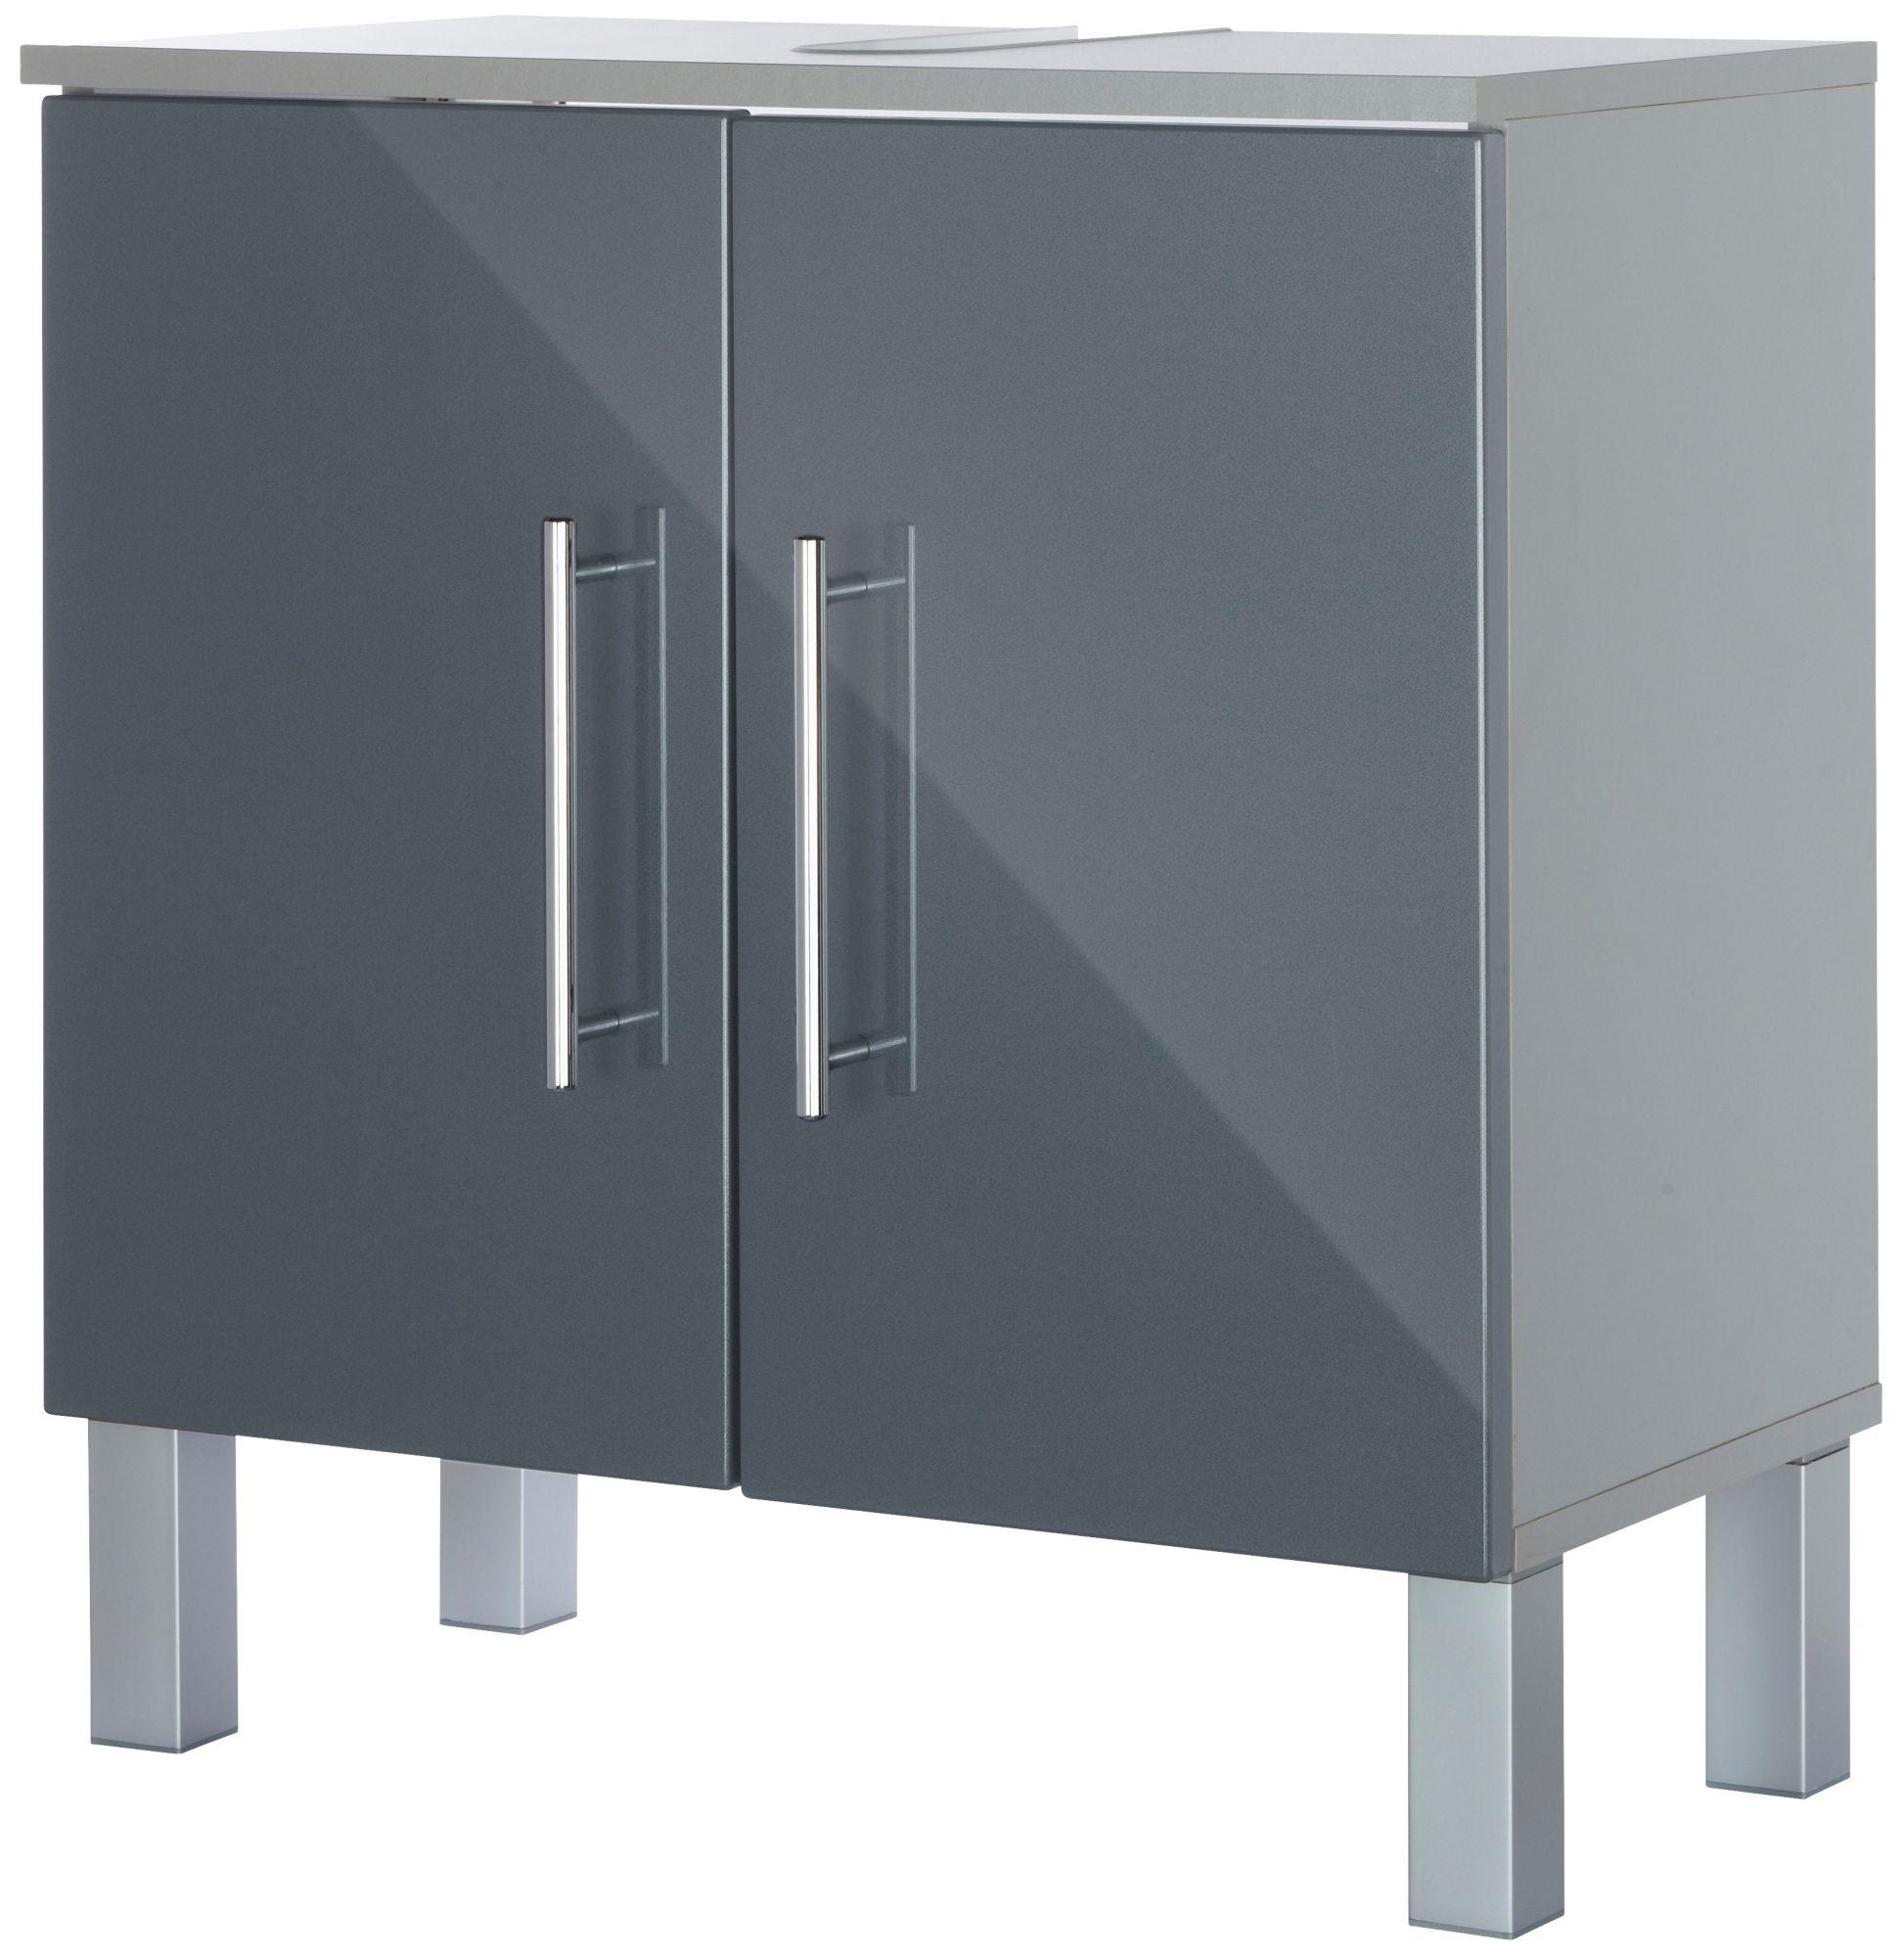 waschbeckenunterschrank anthrazit g nstig online kaufen beim schwab versand. Black Bedroom Furniture Sets. Home Design Ideas